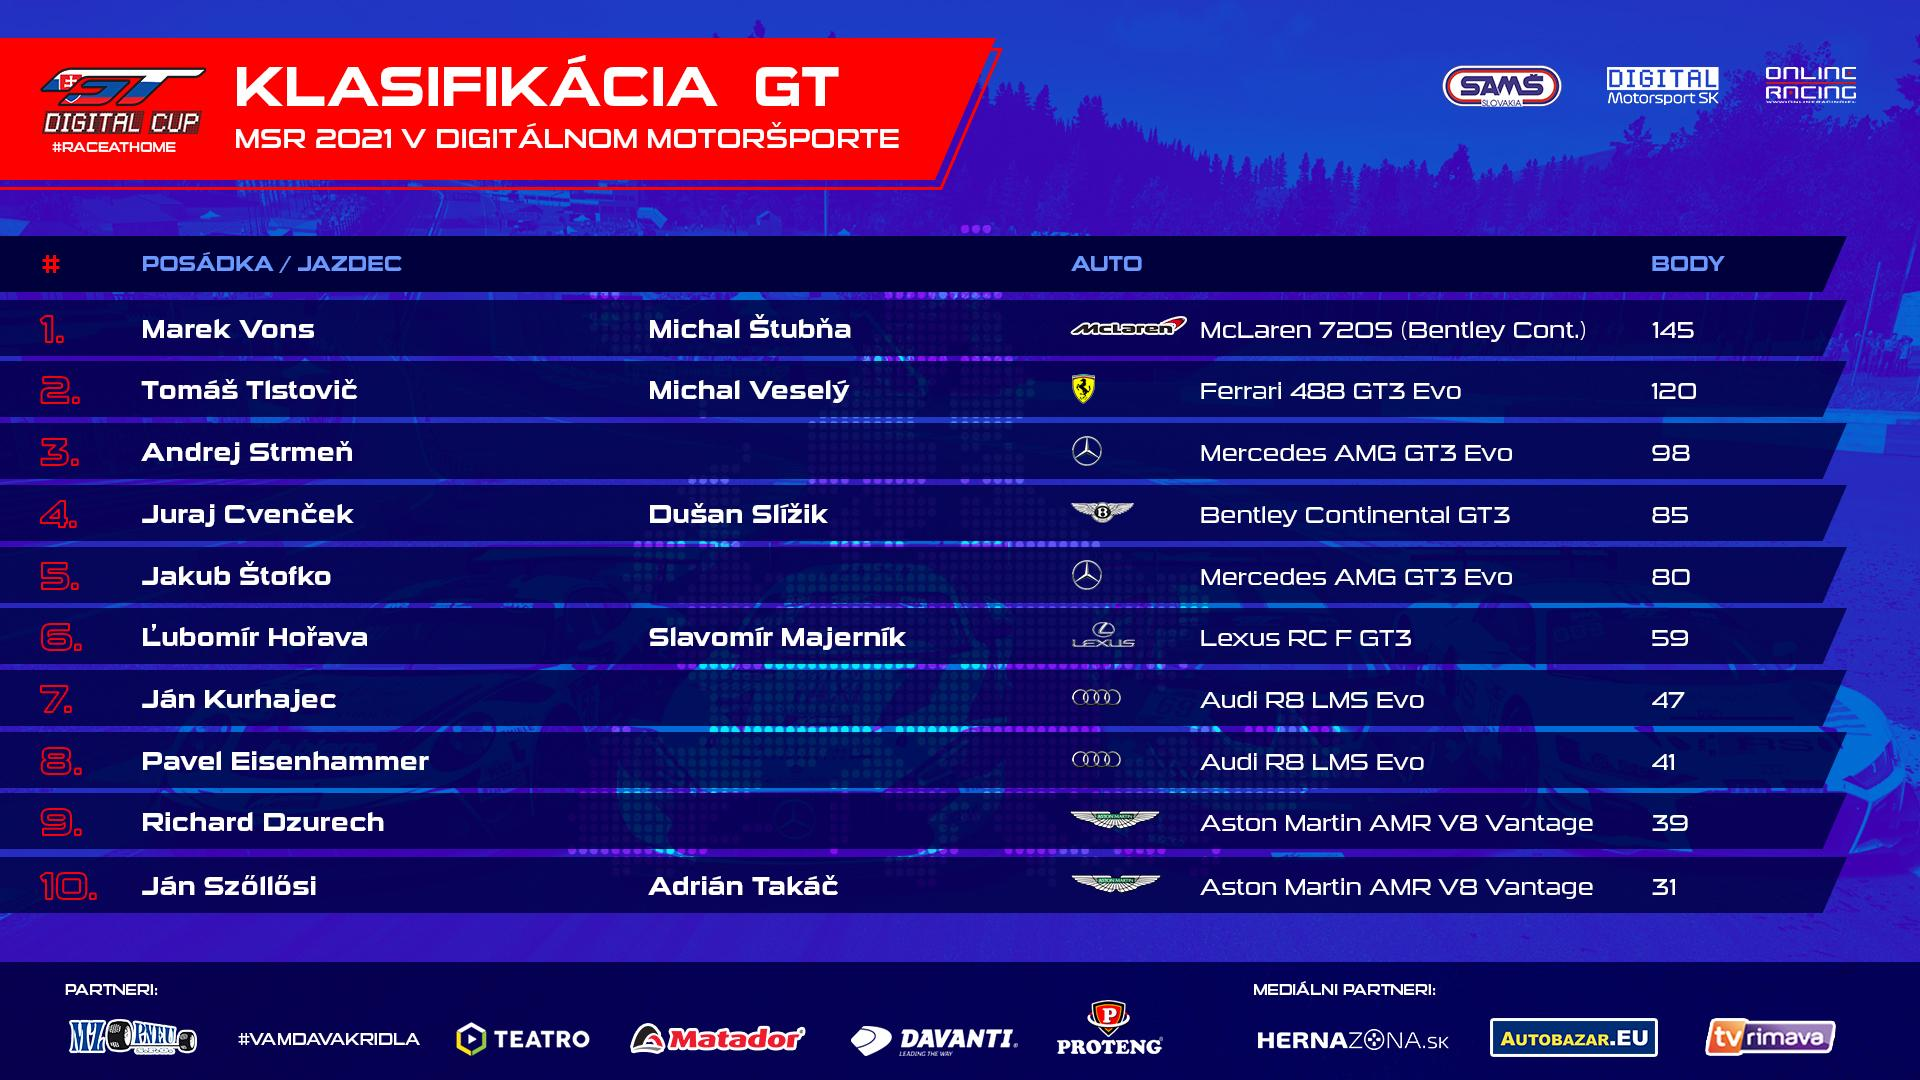 Priebežné poradie MSR v kategórii GT Digital Cup pred posledným 8. kolom.